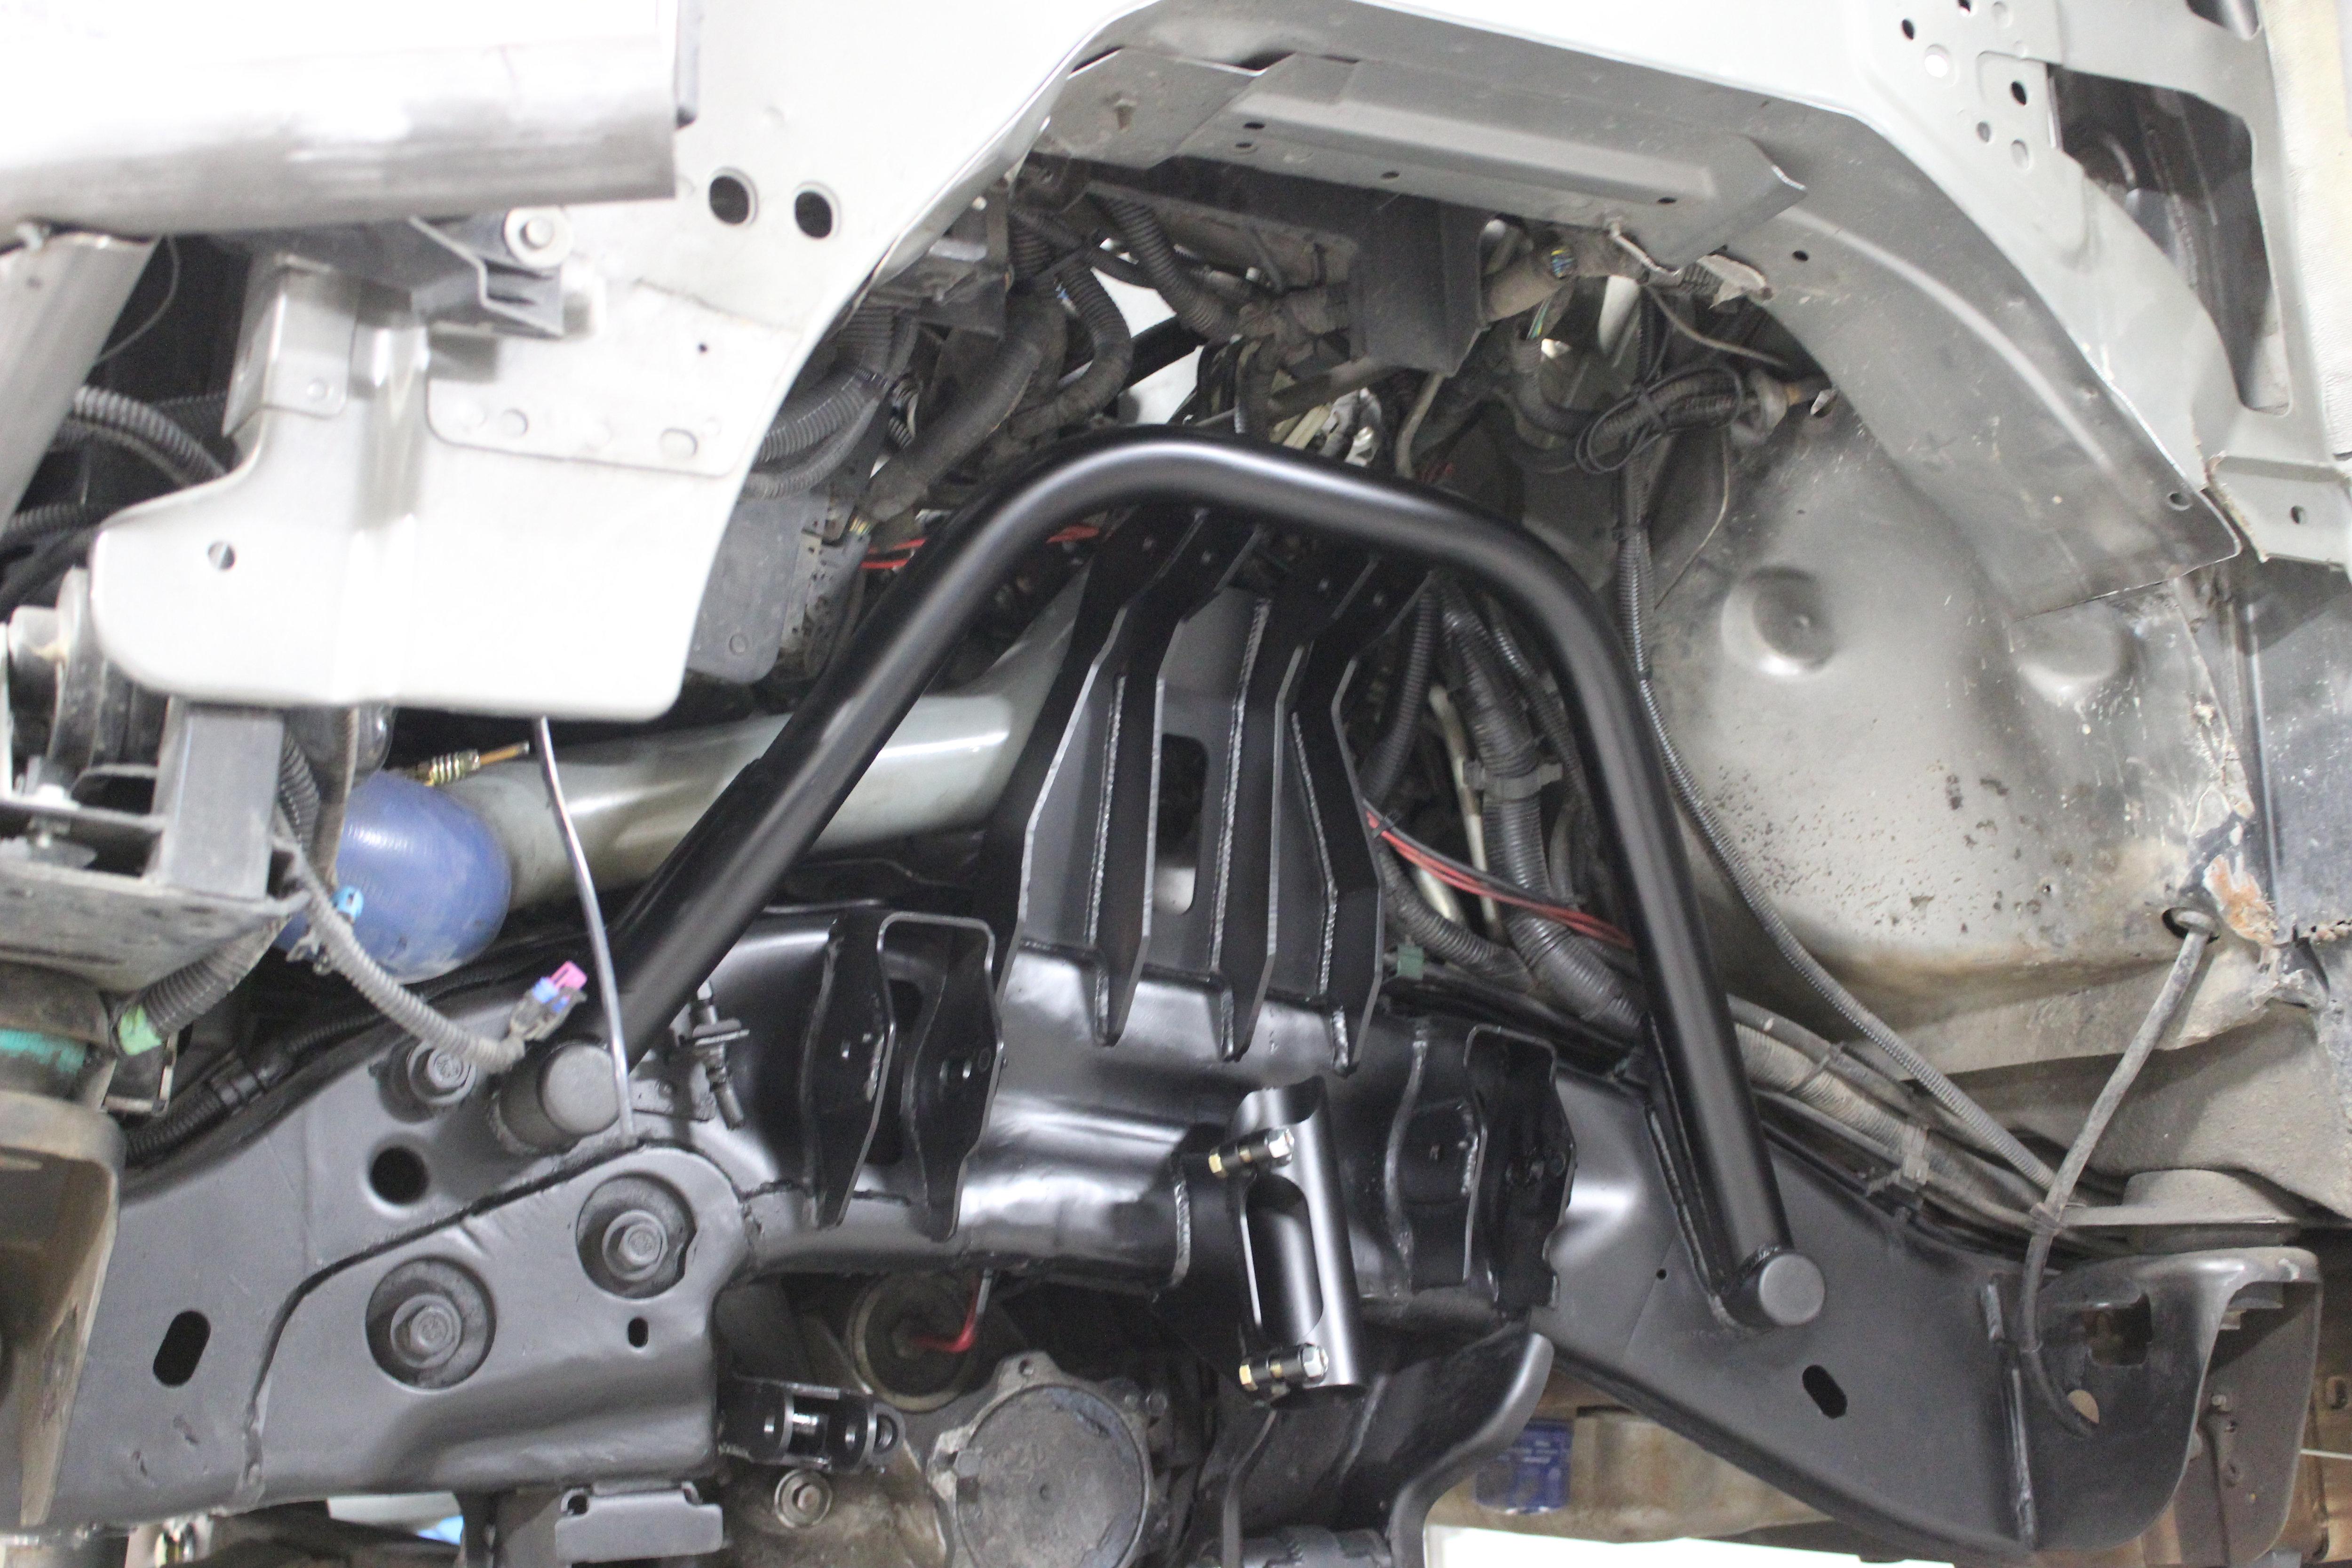 01-10 Silverado/Sierra 2500HD Kit/ LSK1110 | lsk-suspension